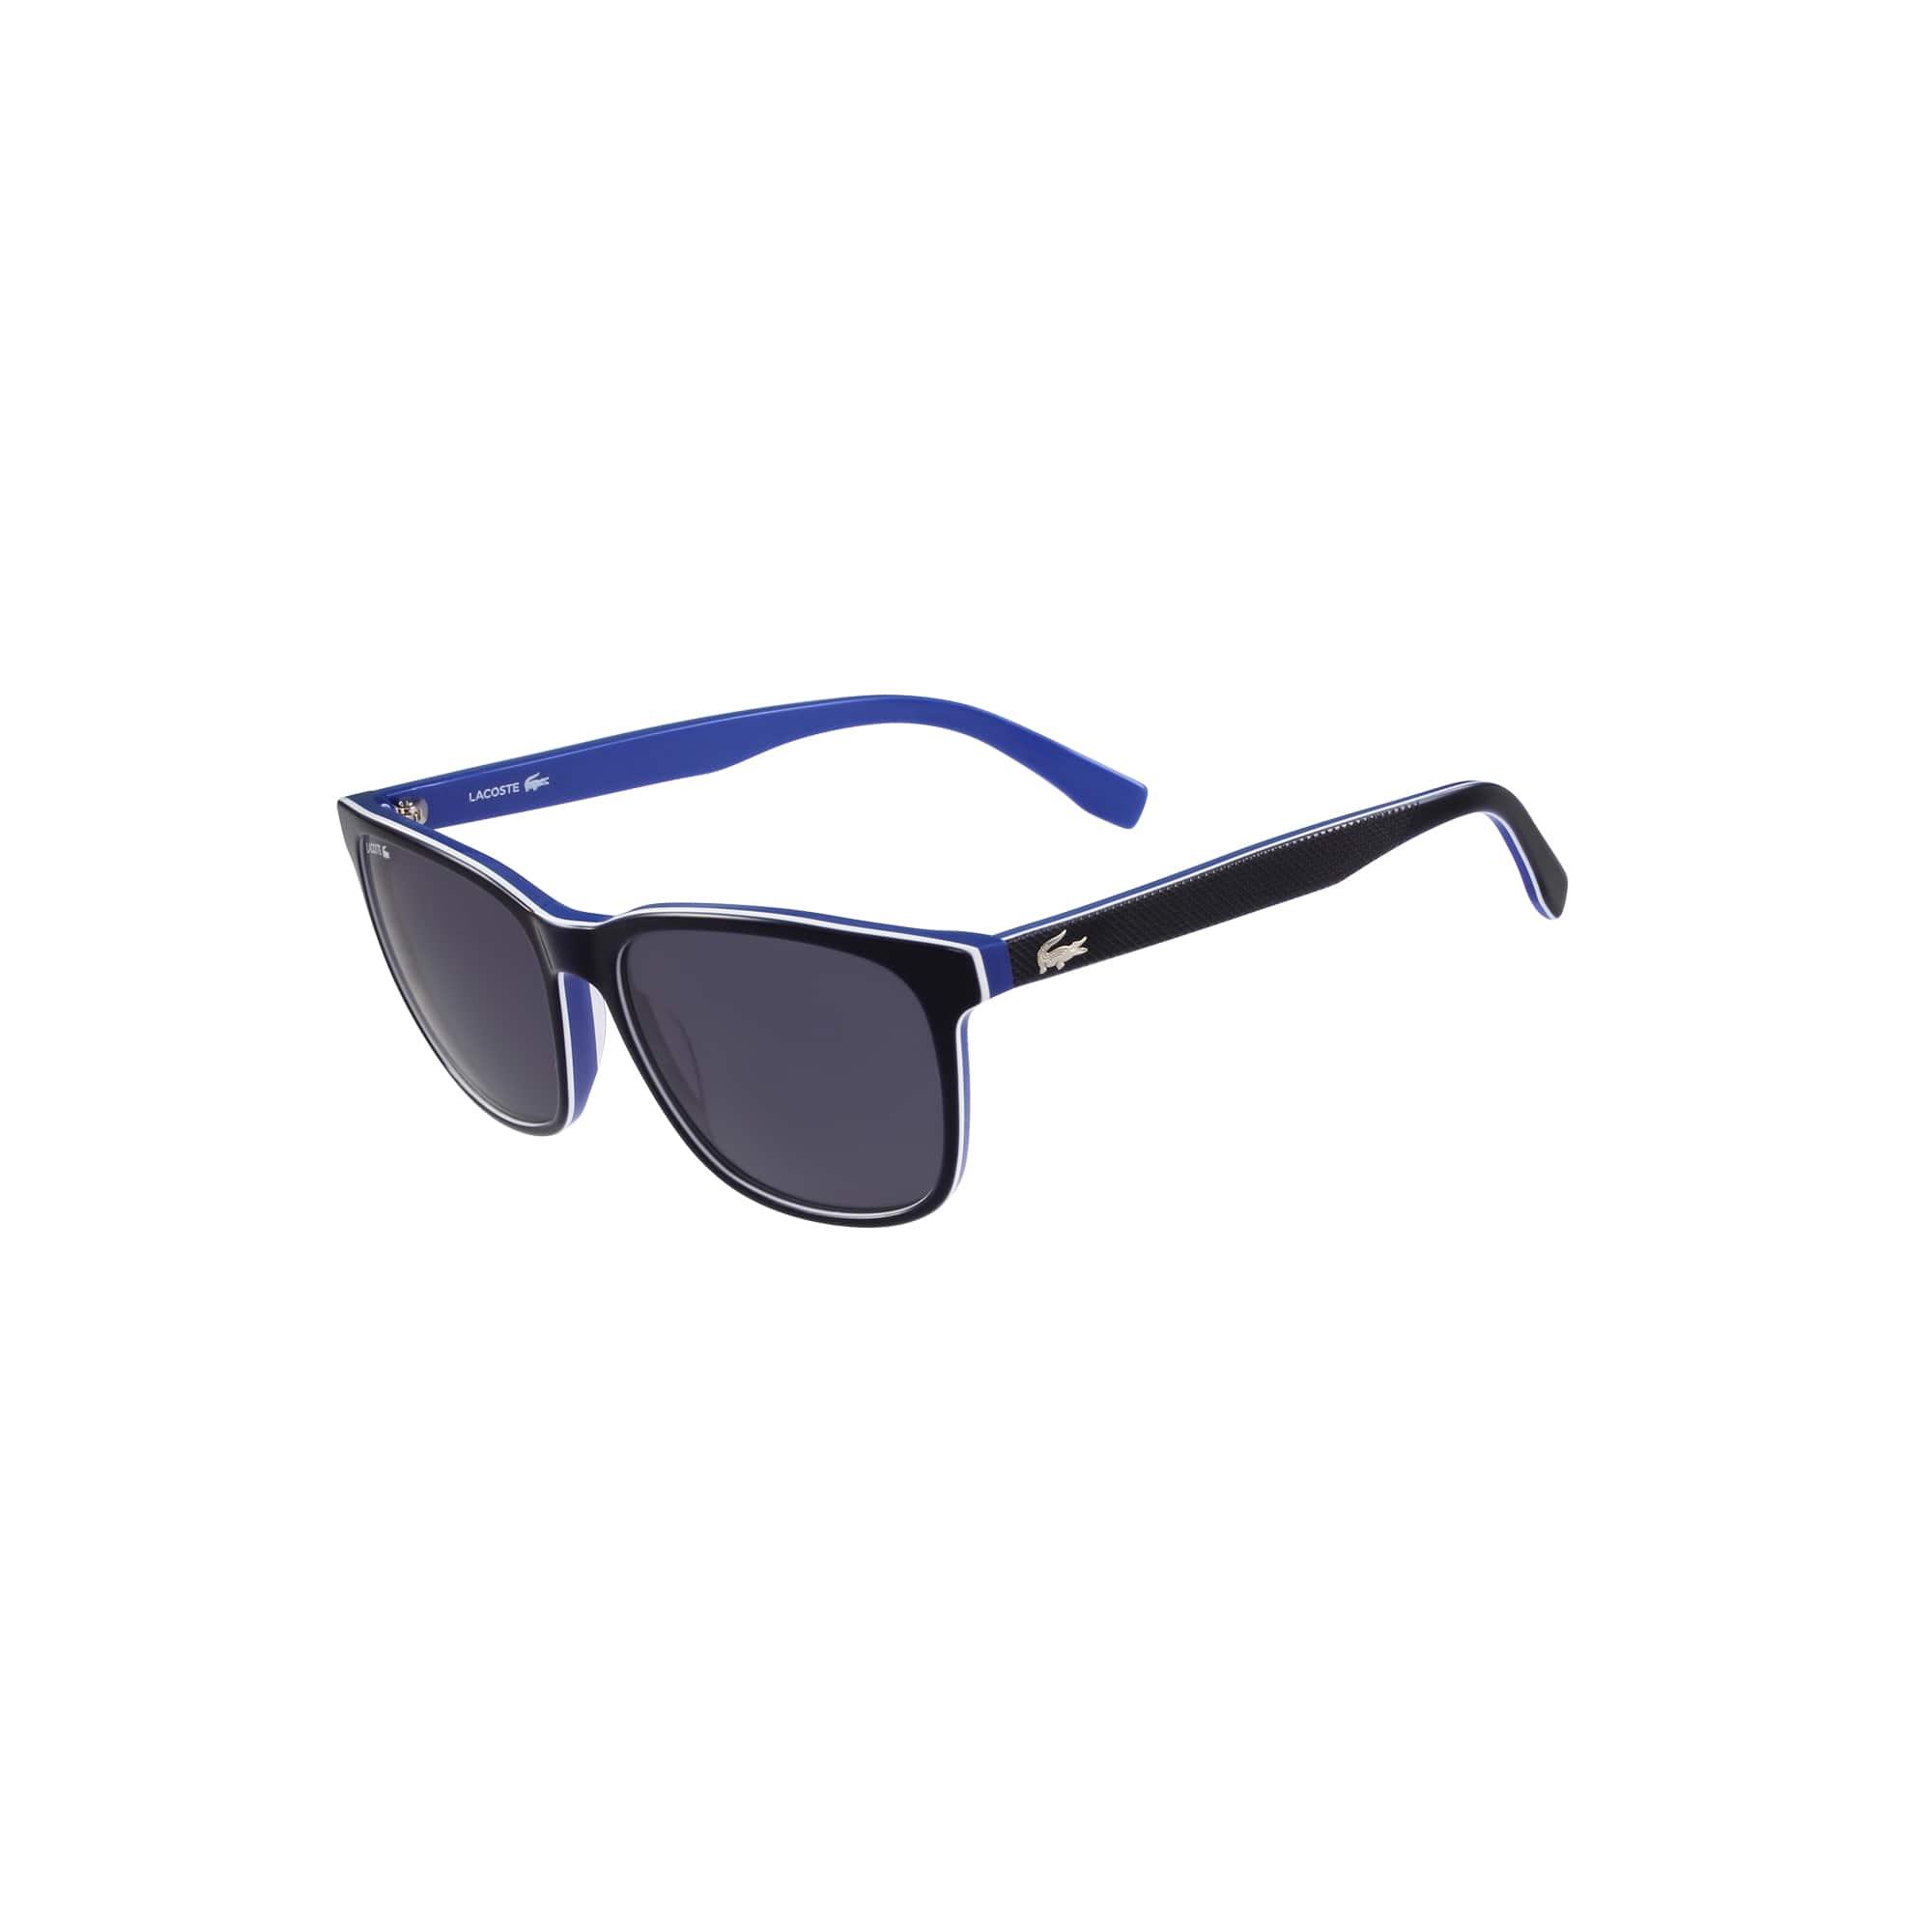 ab30fcc865f Unisex Multilayer Piqué Sunglasses